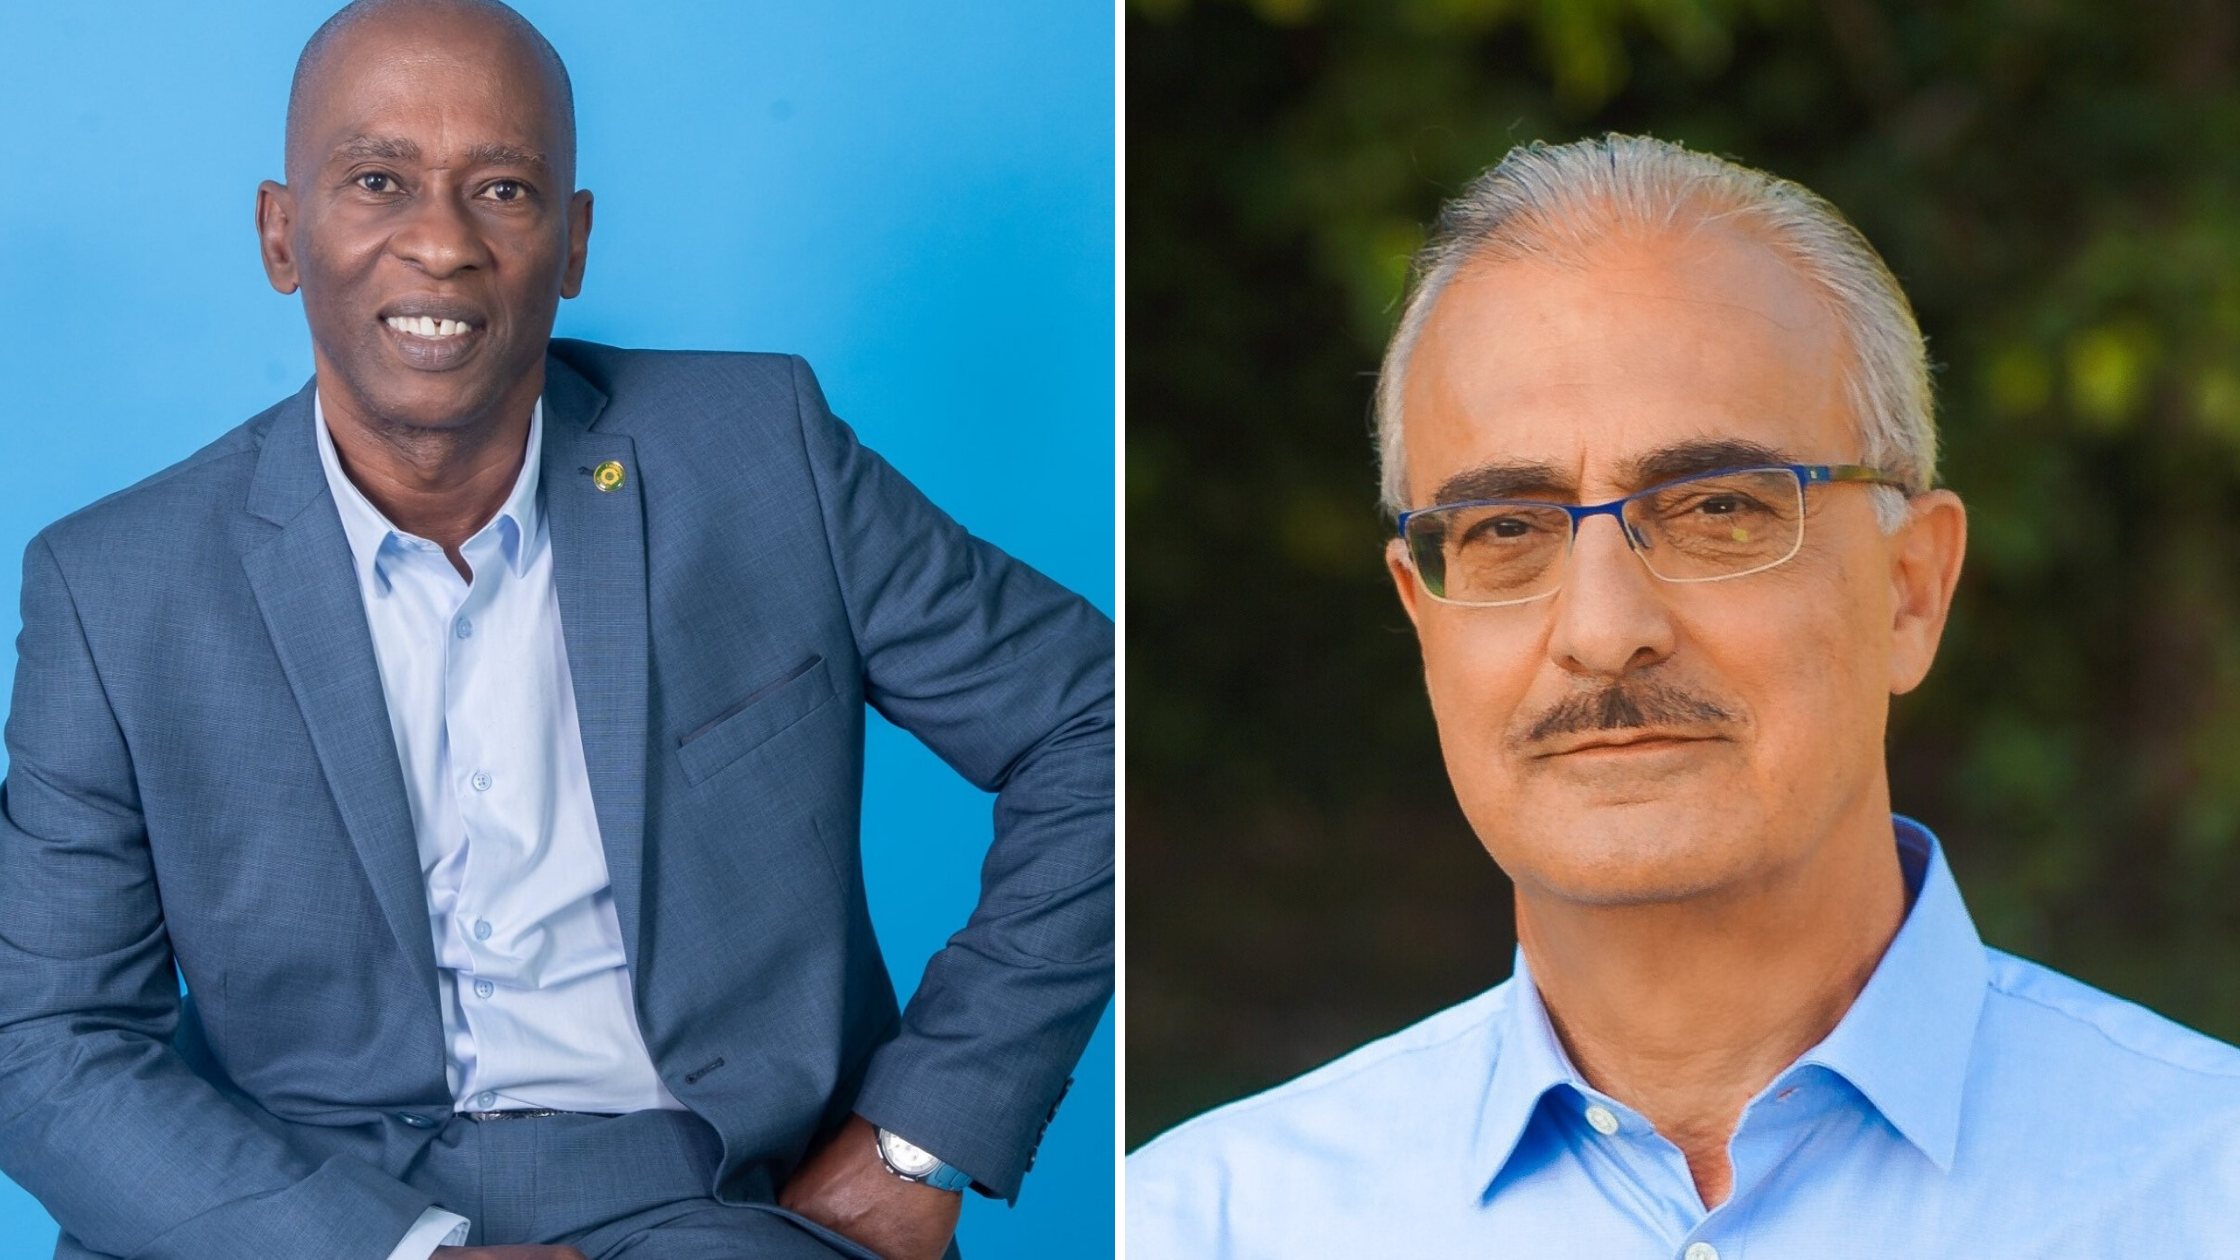 Municipales 2020: En Guadeloupe, le second tour signe la fin de l'ère Bangou et de l'ère Chevry-Penchard